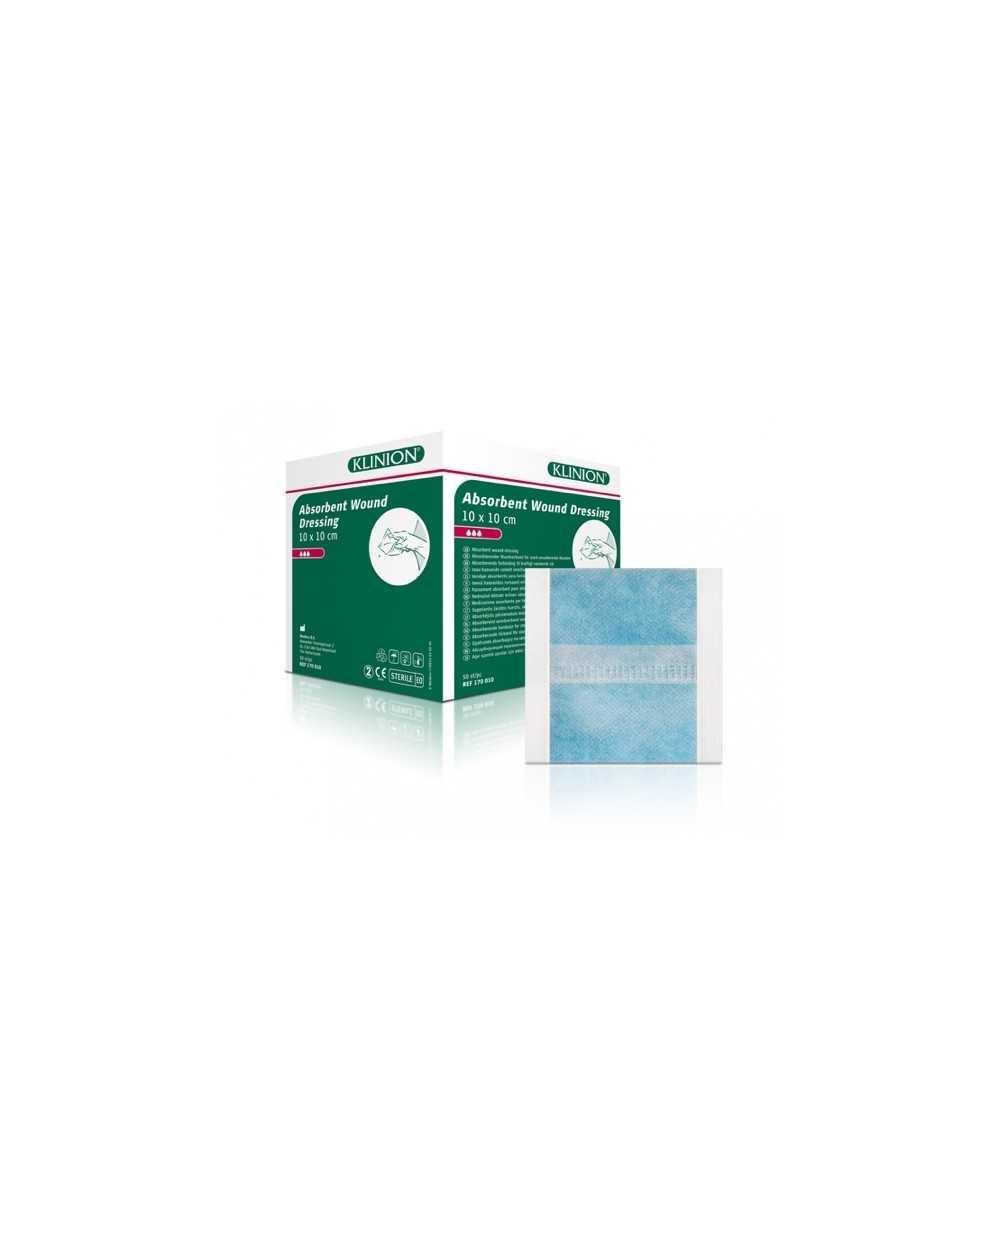 Pansement absorbant Klinion, 20 x 40 cm, stérile Boite de 8 x 6